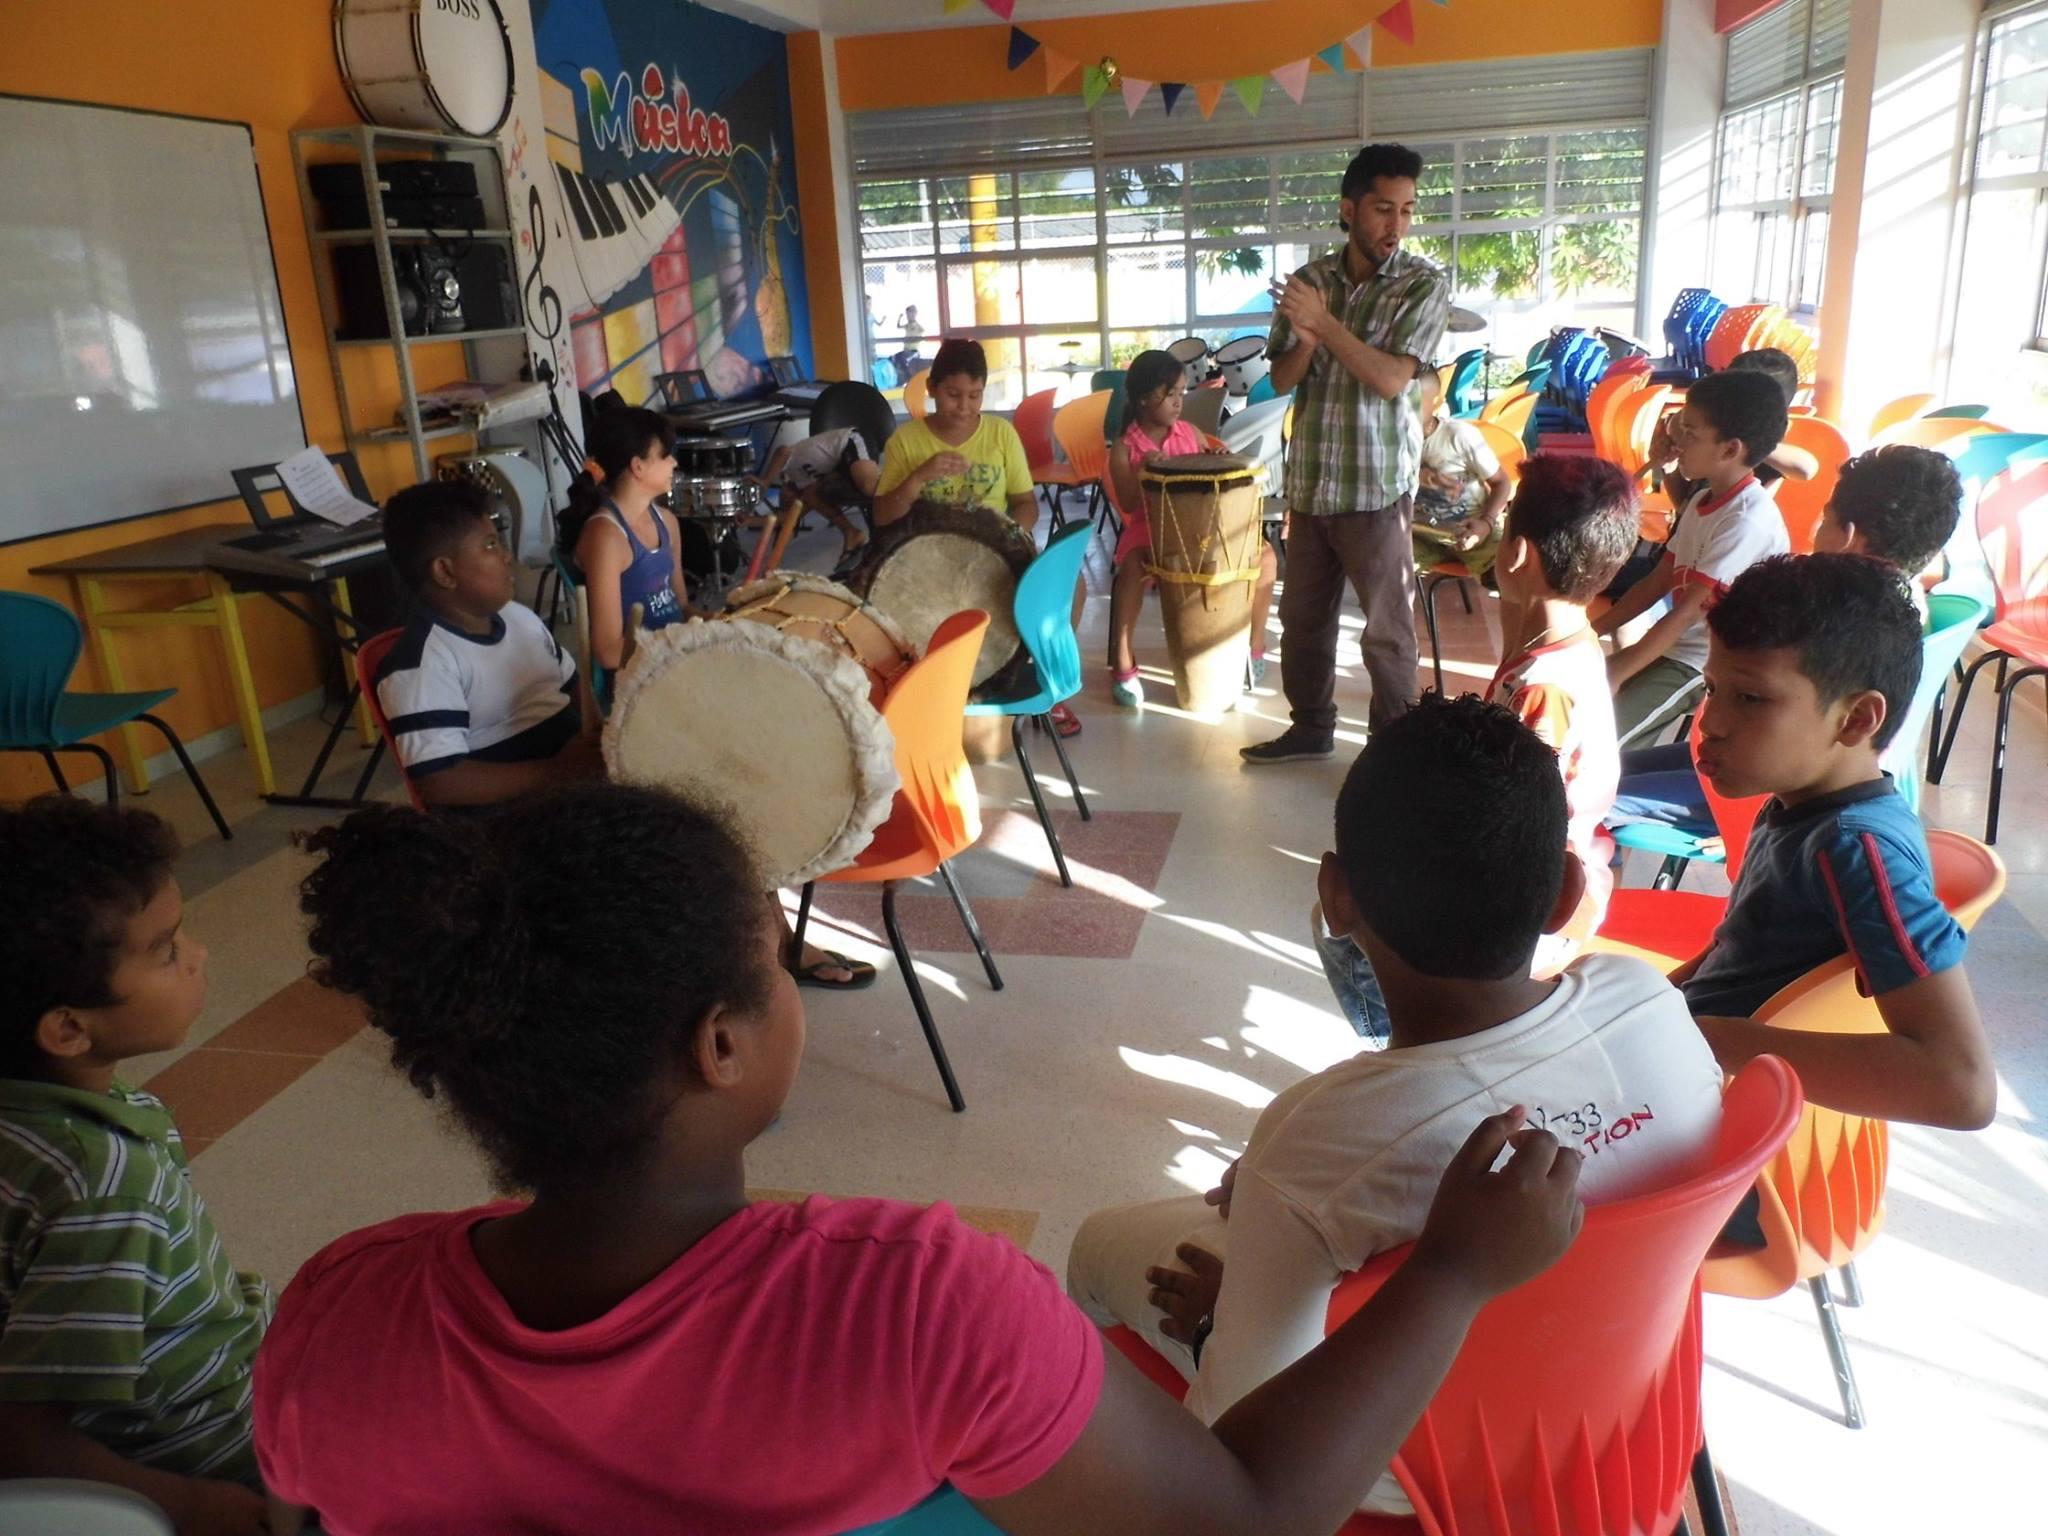 Clases de percusión hacen parte de la oferta musical.